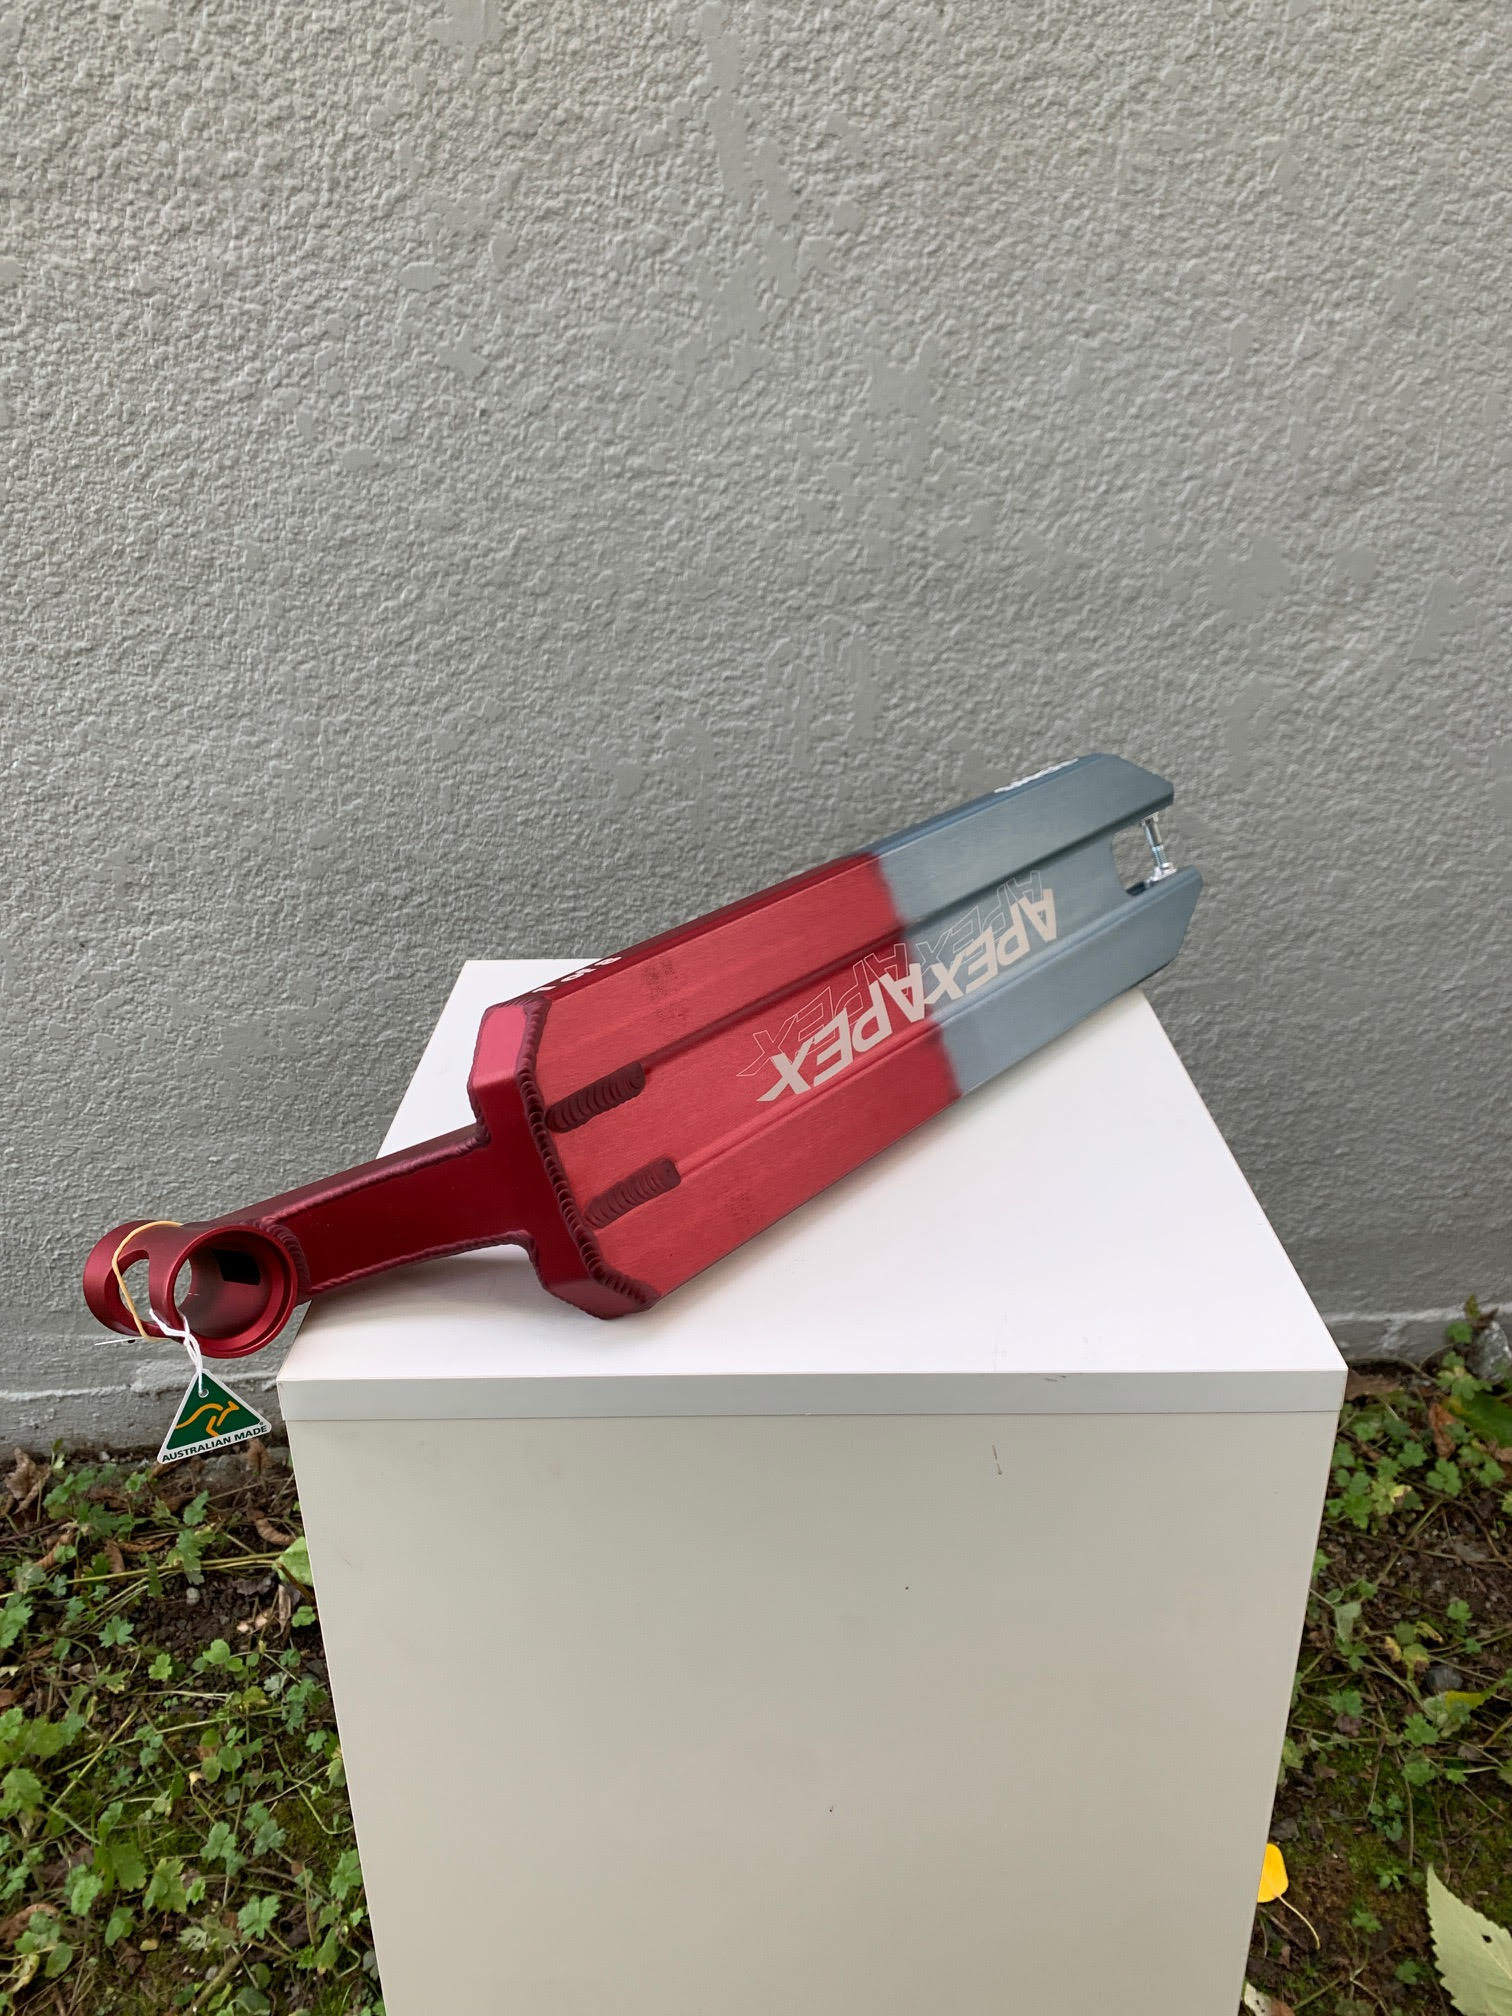 """APEXiD/LEGACY 5"""" X 580MM DECK - RED/GREY"""